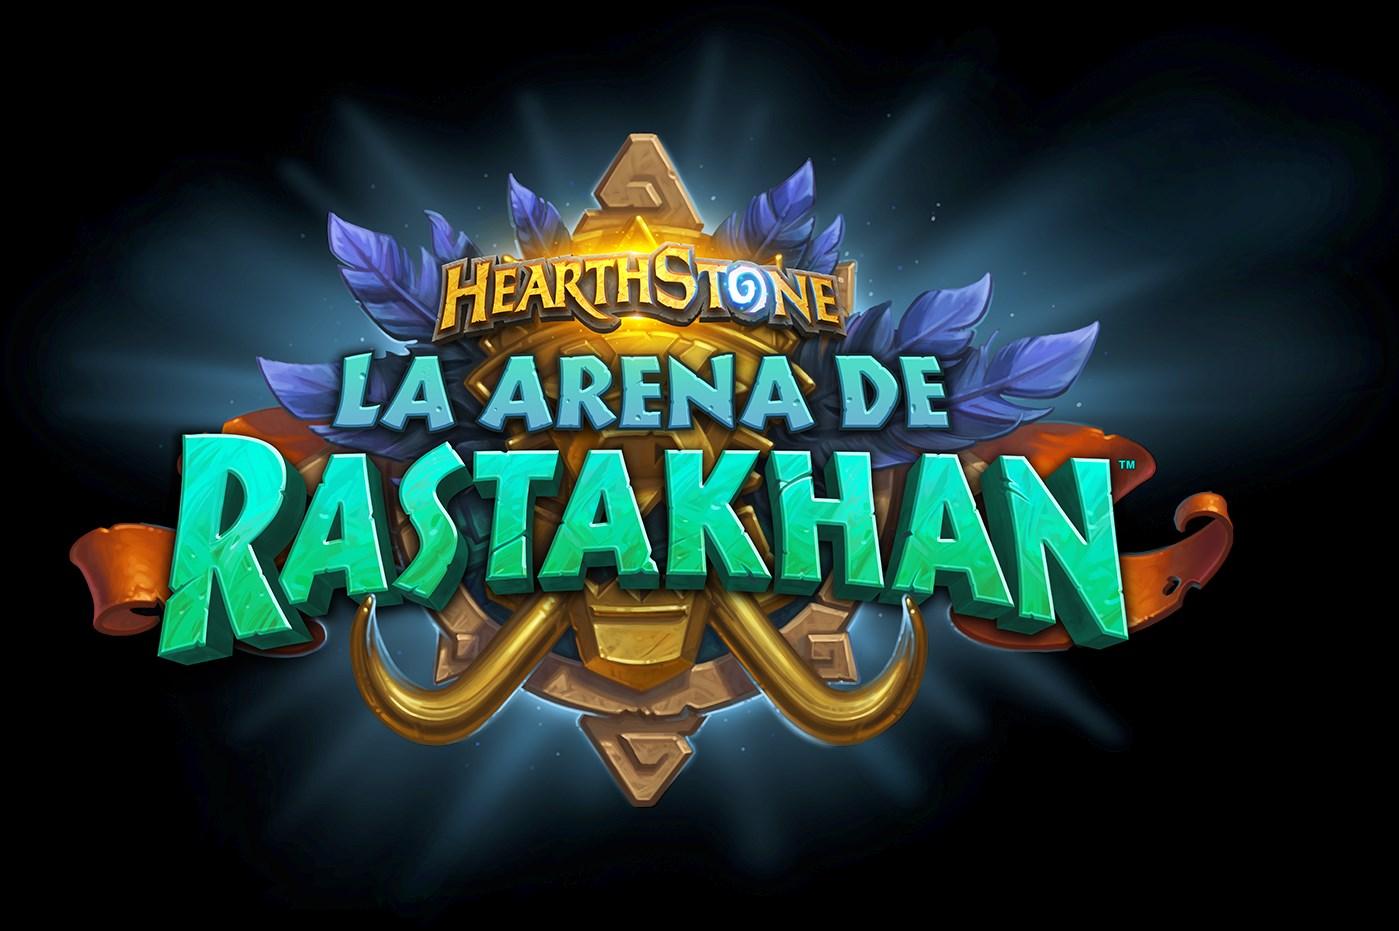 NP: ¡Las puertas de Los juegos de los loa están abiertas en Hearthstone!